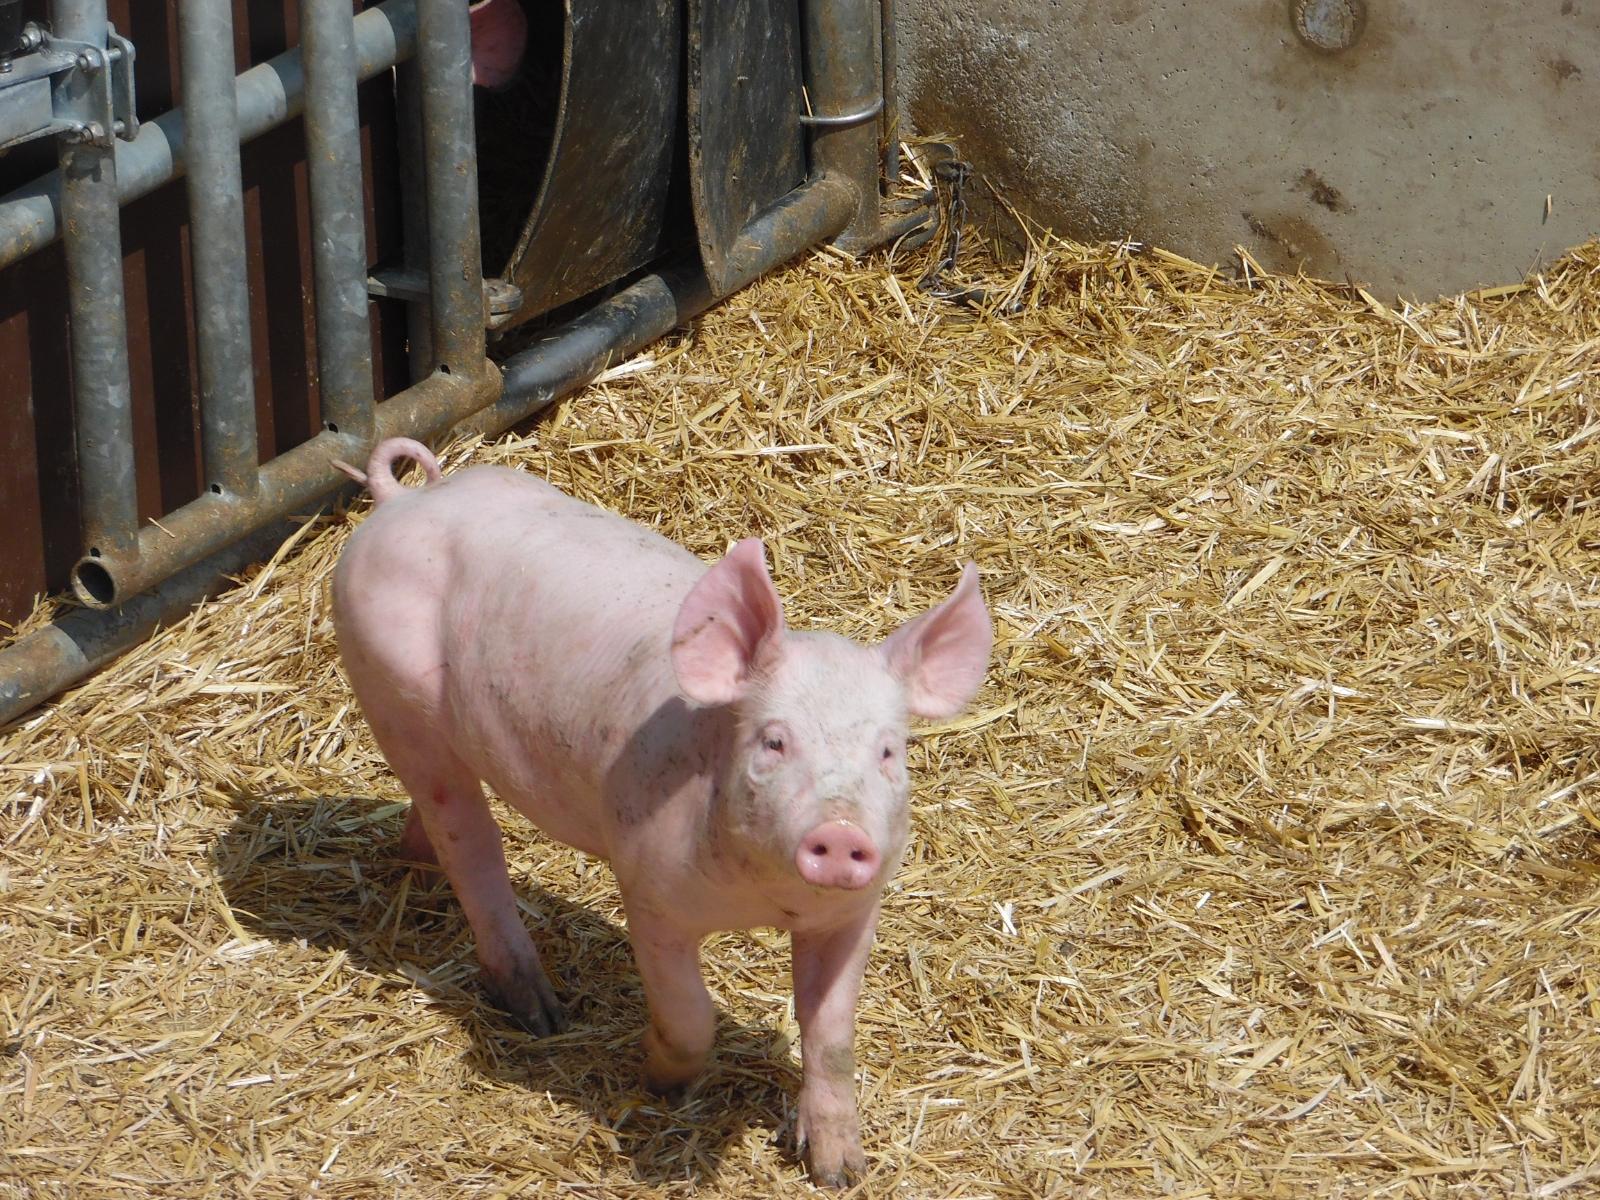 La Corbiniere Vente De Porc Mayenne Img 8